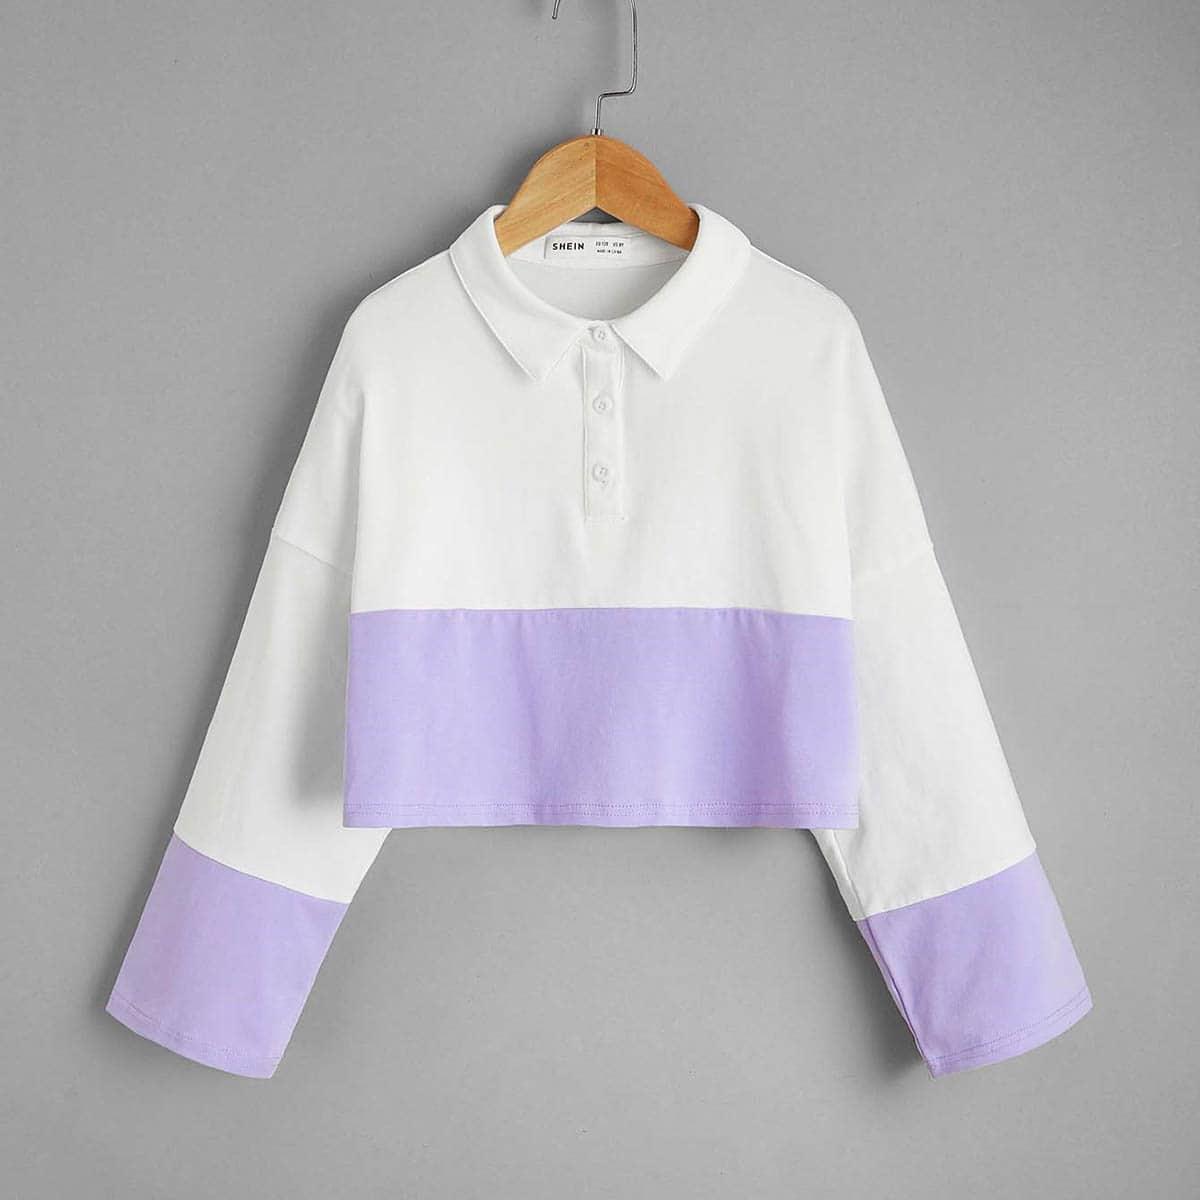 Однобортный контрастный цвет повседневный футболки для девочек